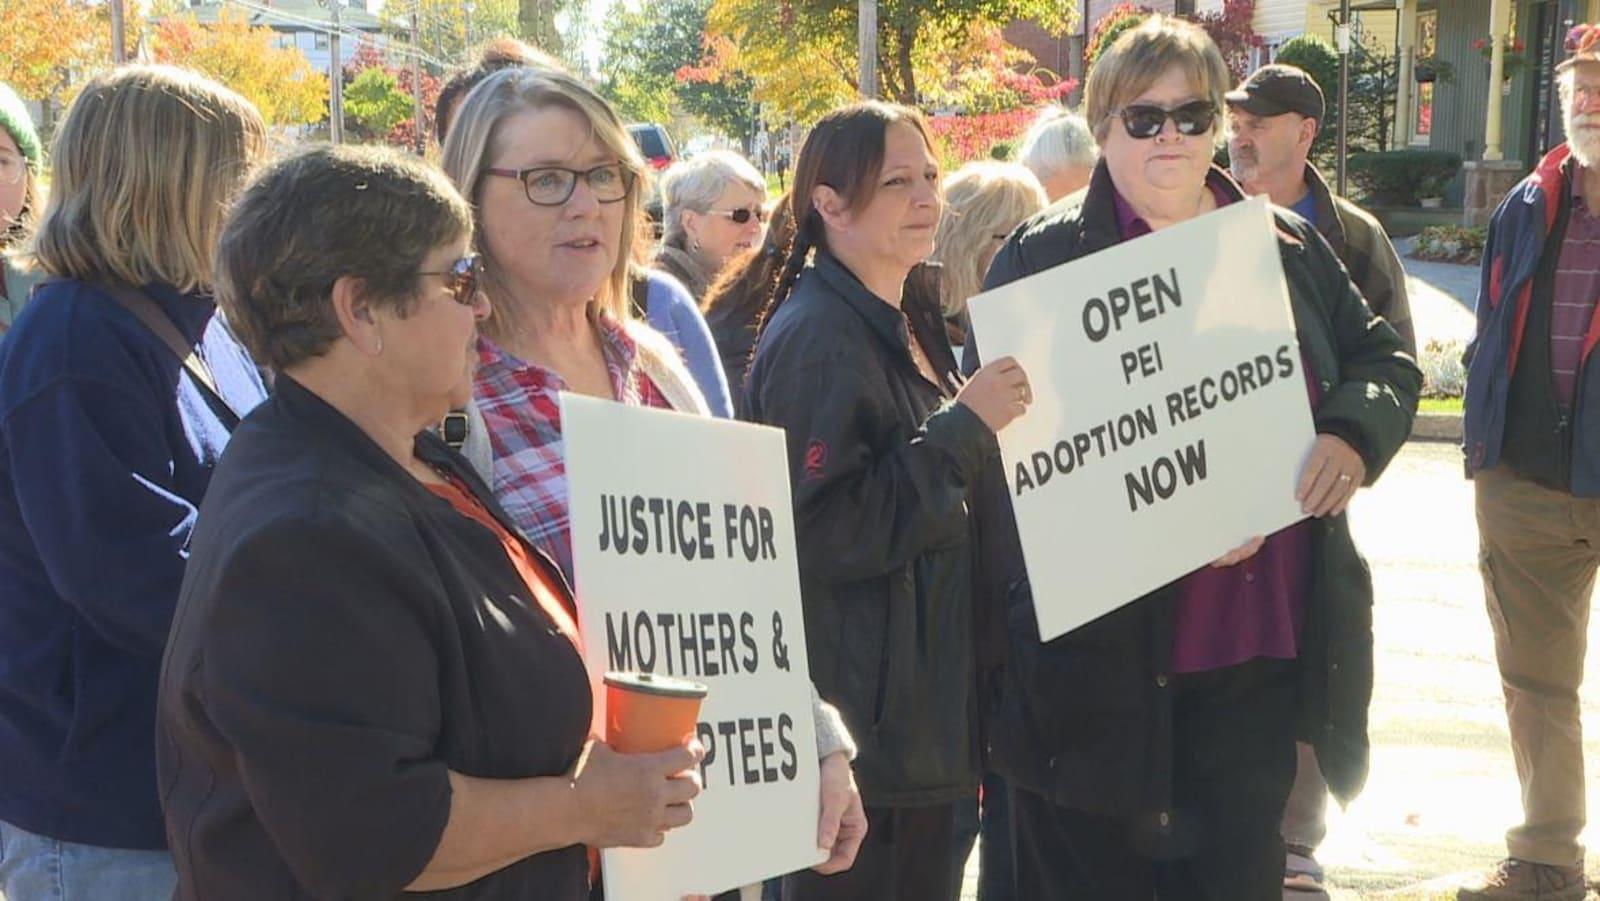 Des manifestants tiennent des pancartes et réclament «justice pour les mères et les personnes adoptées».